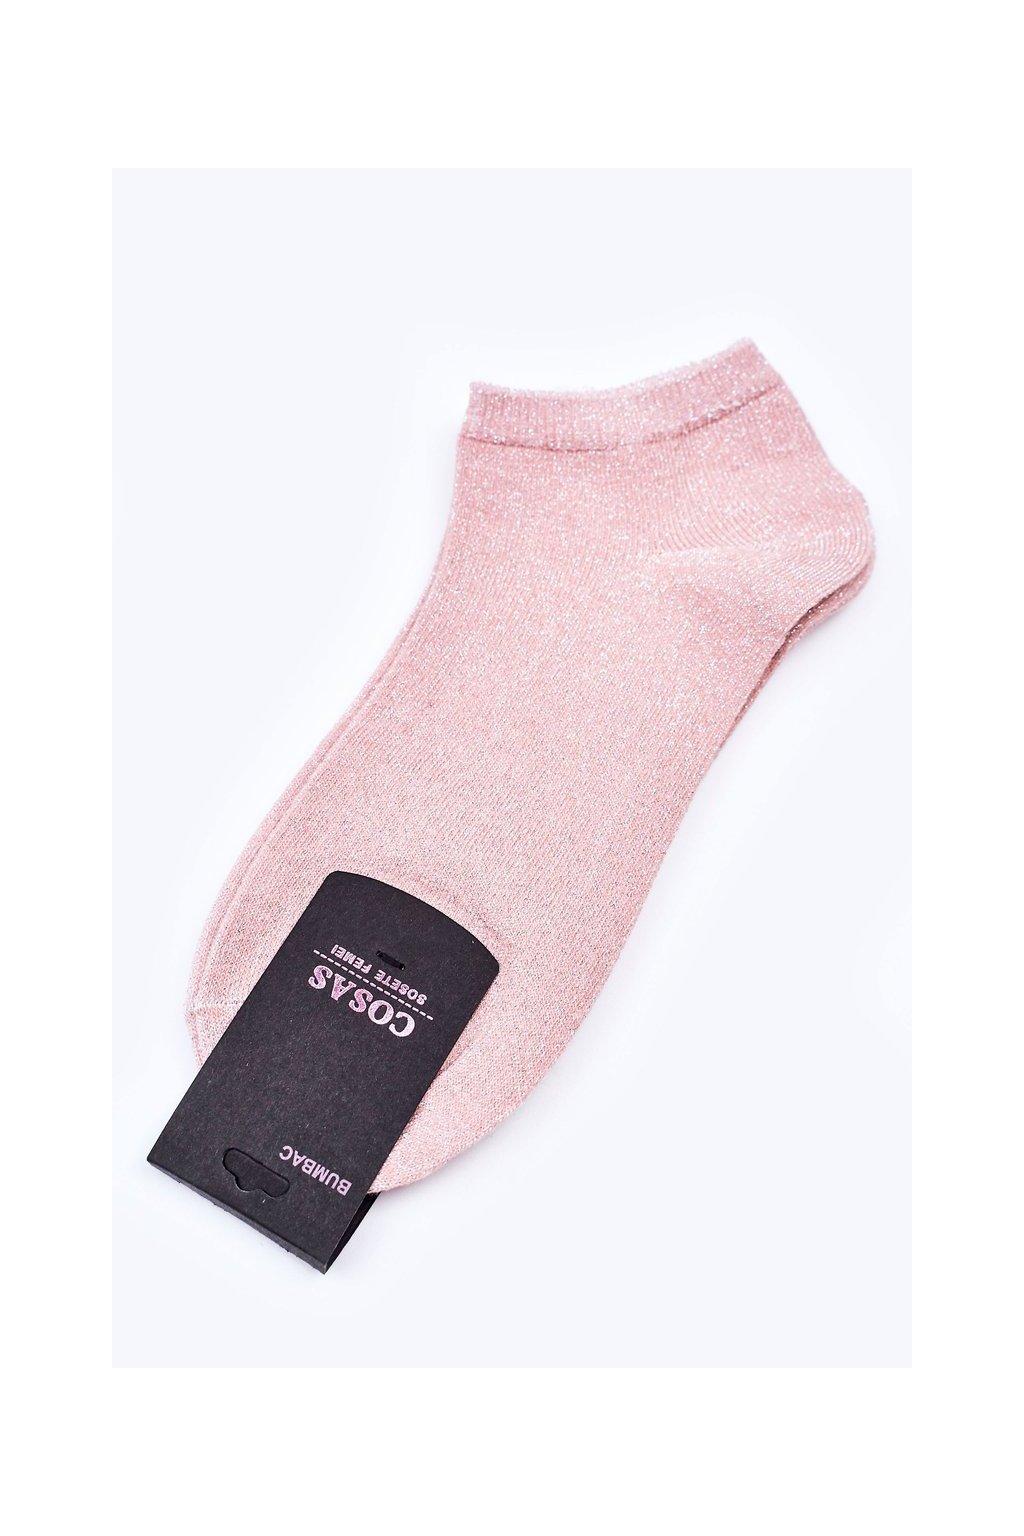 Dámske ponožky farba ružová kód DM-307S SALMON